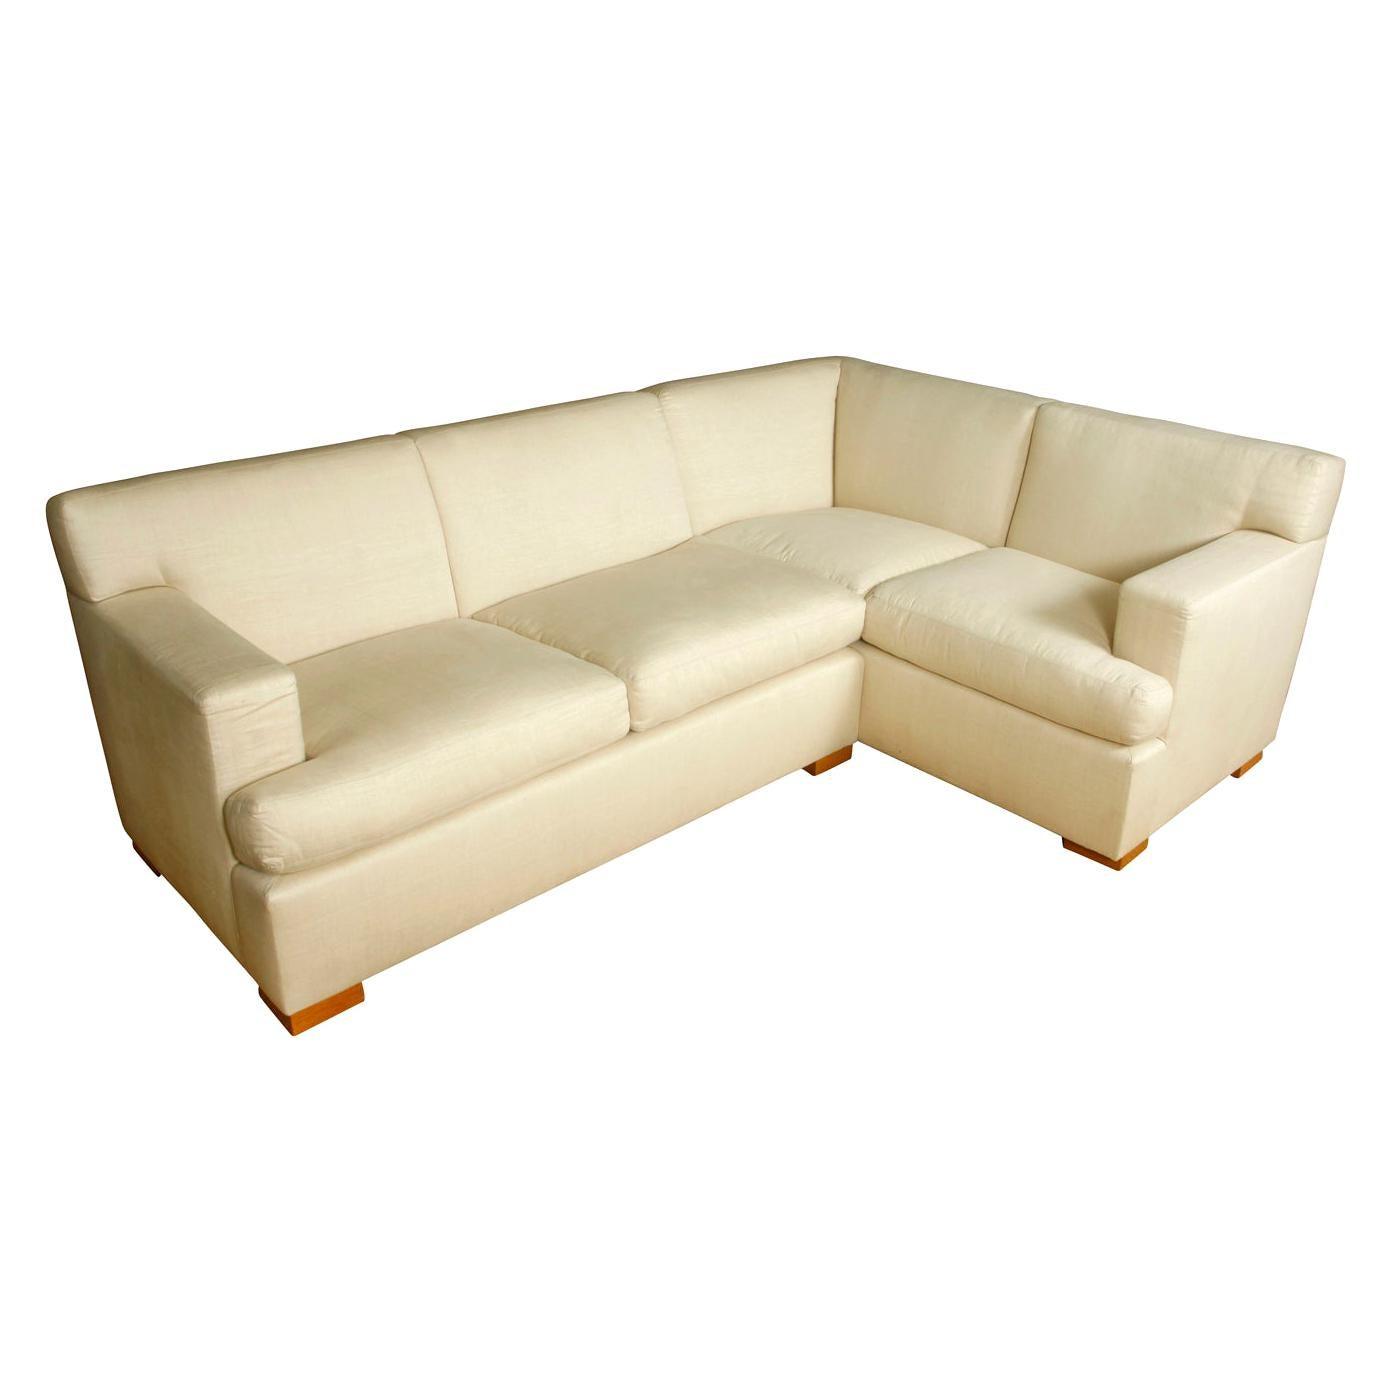 Modern Cream Linen Sofa Sectional Form